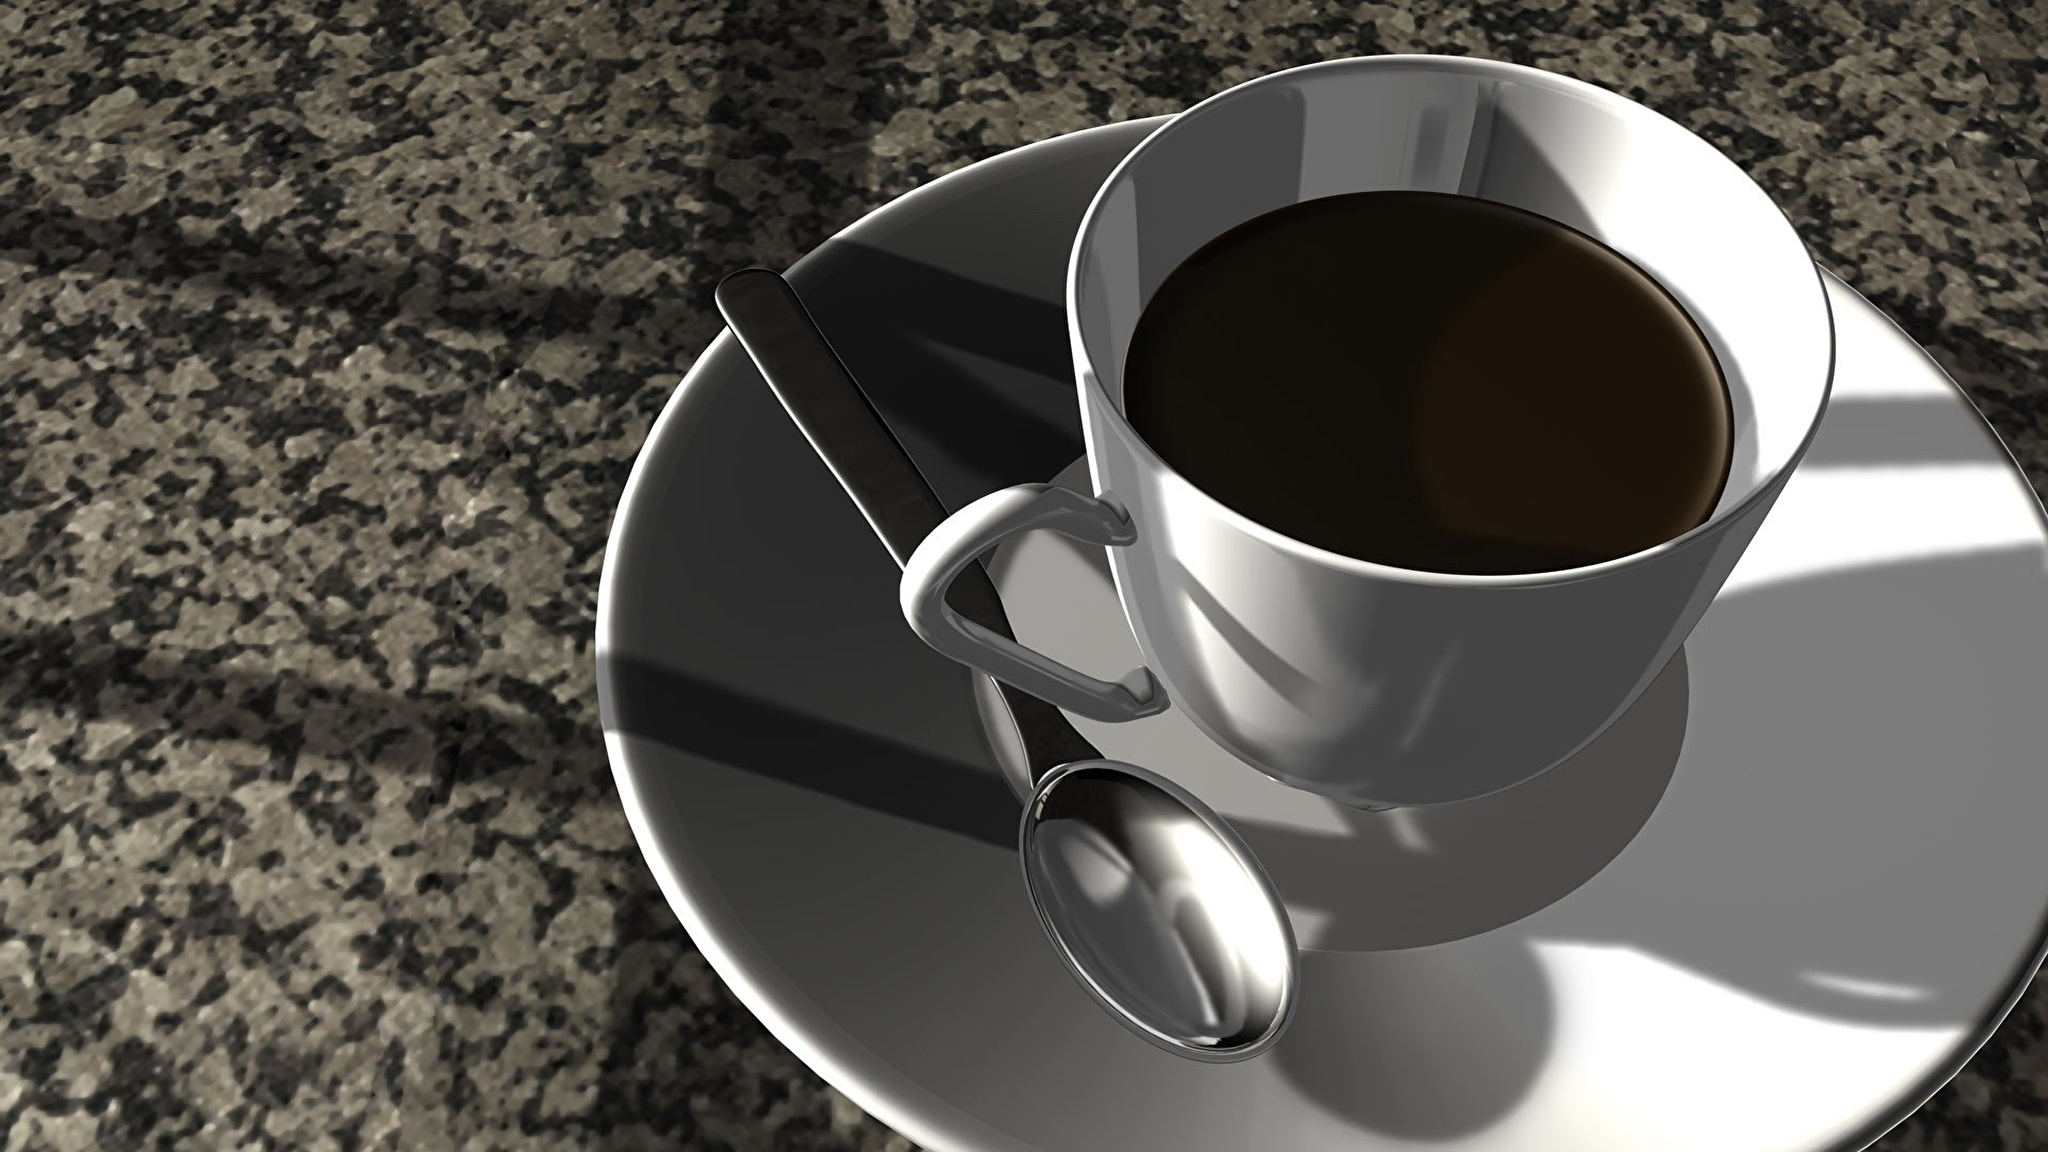 кофе мышь компьютерная чашка черная  № 2175250 загрузить